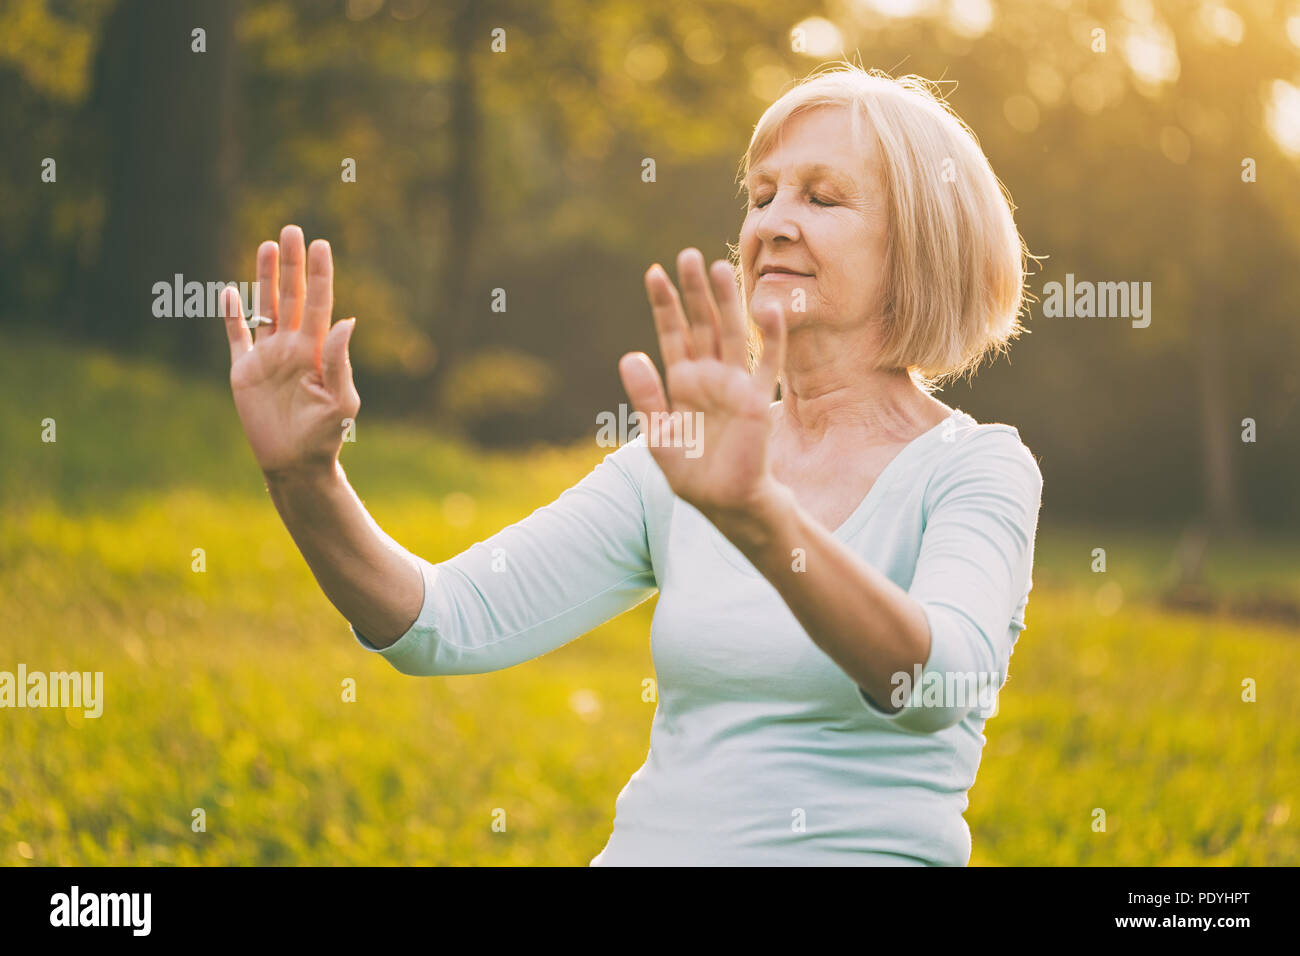 Senior mujer goza de ejercicio Tai Chi en la naturaleza.Imagen es intencionalmente tonificado. Imagen De Stock